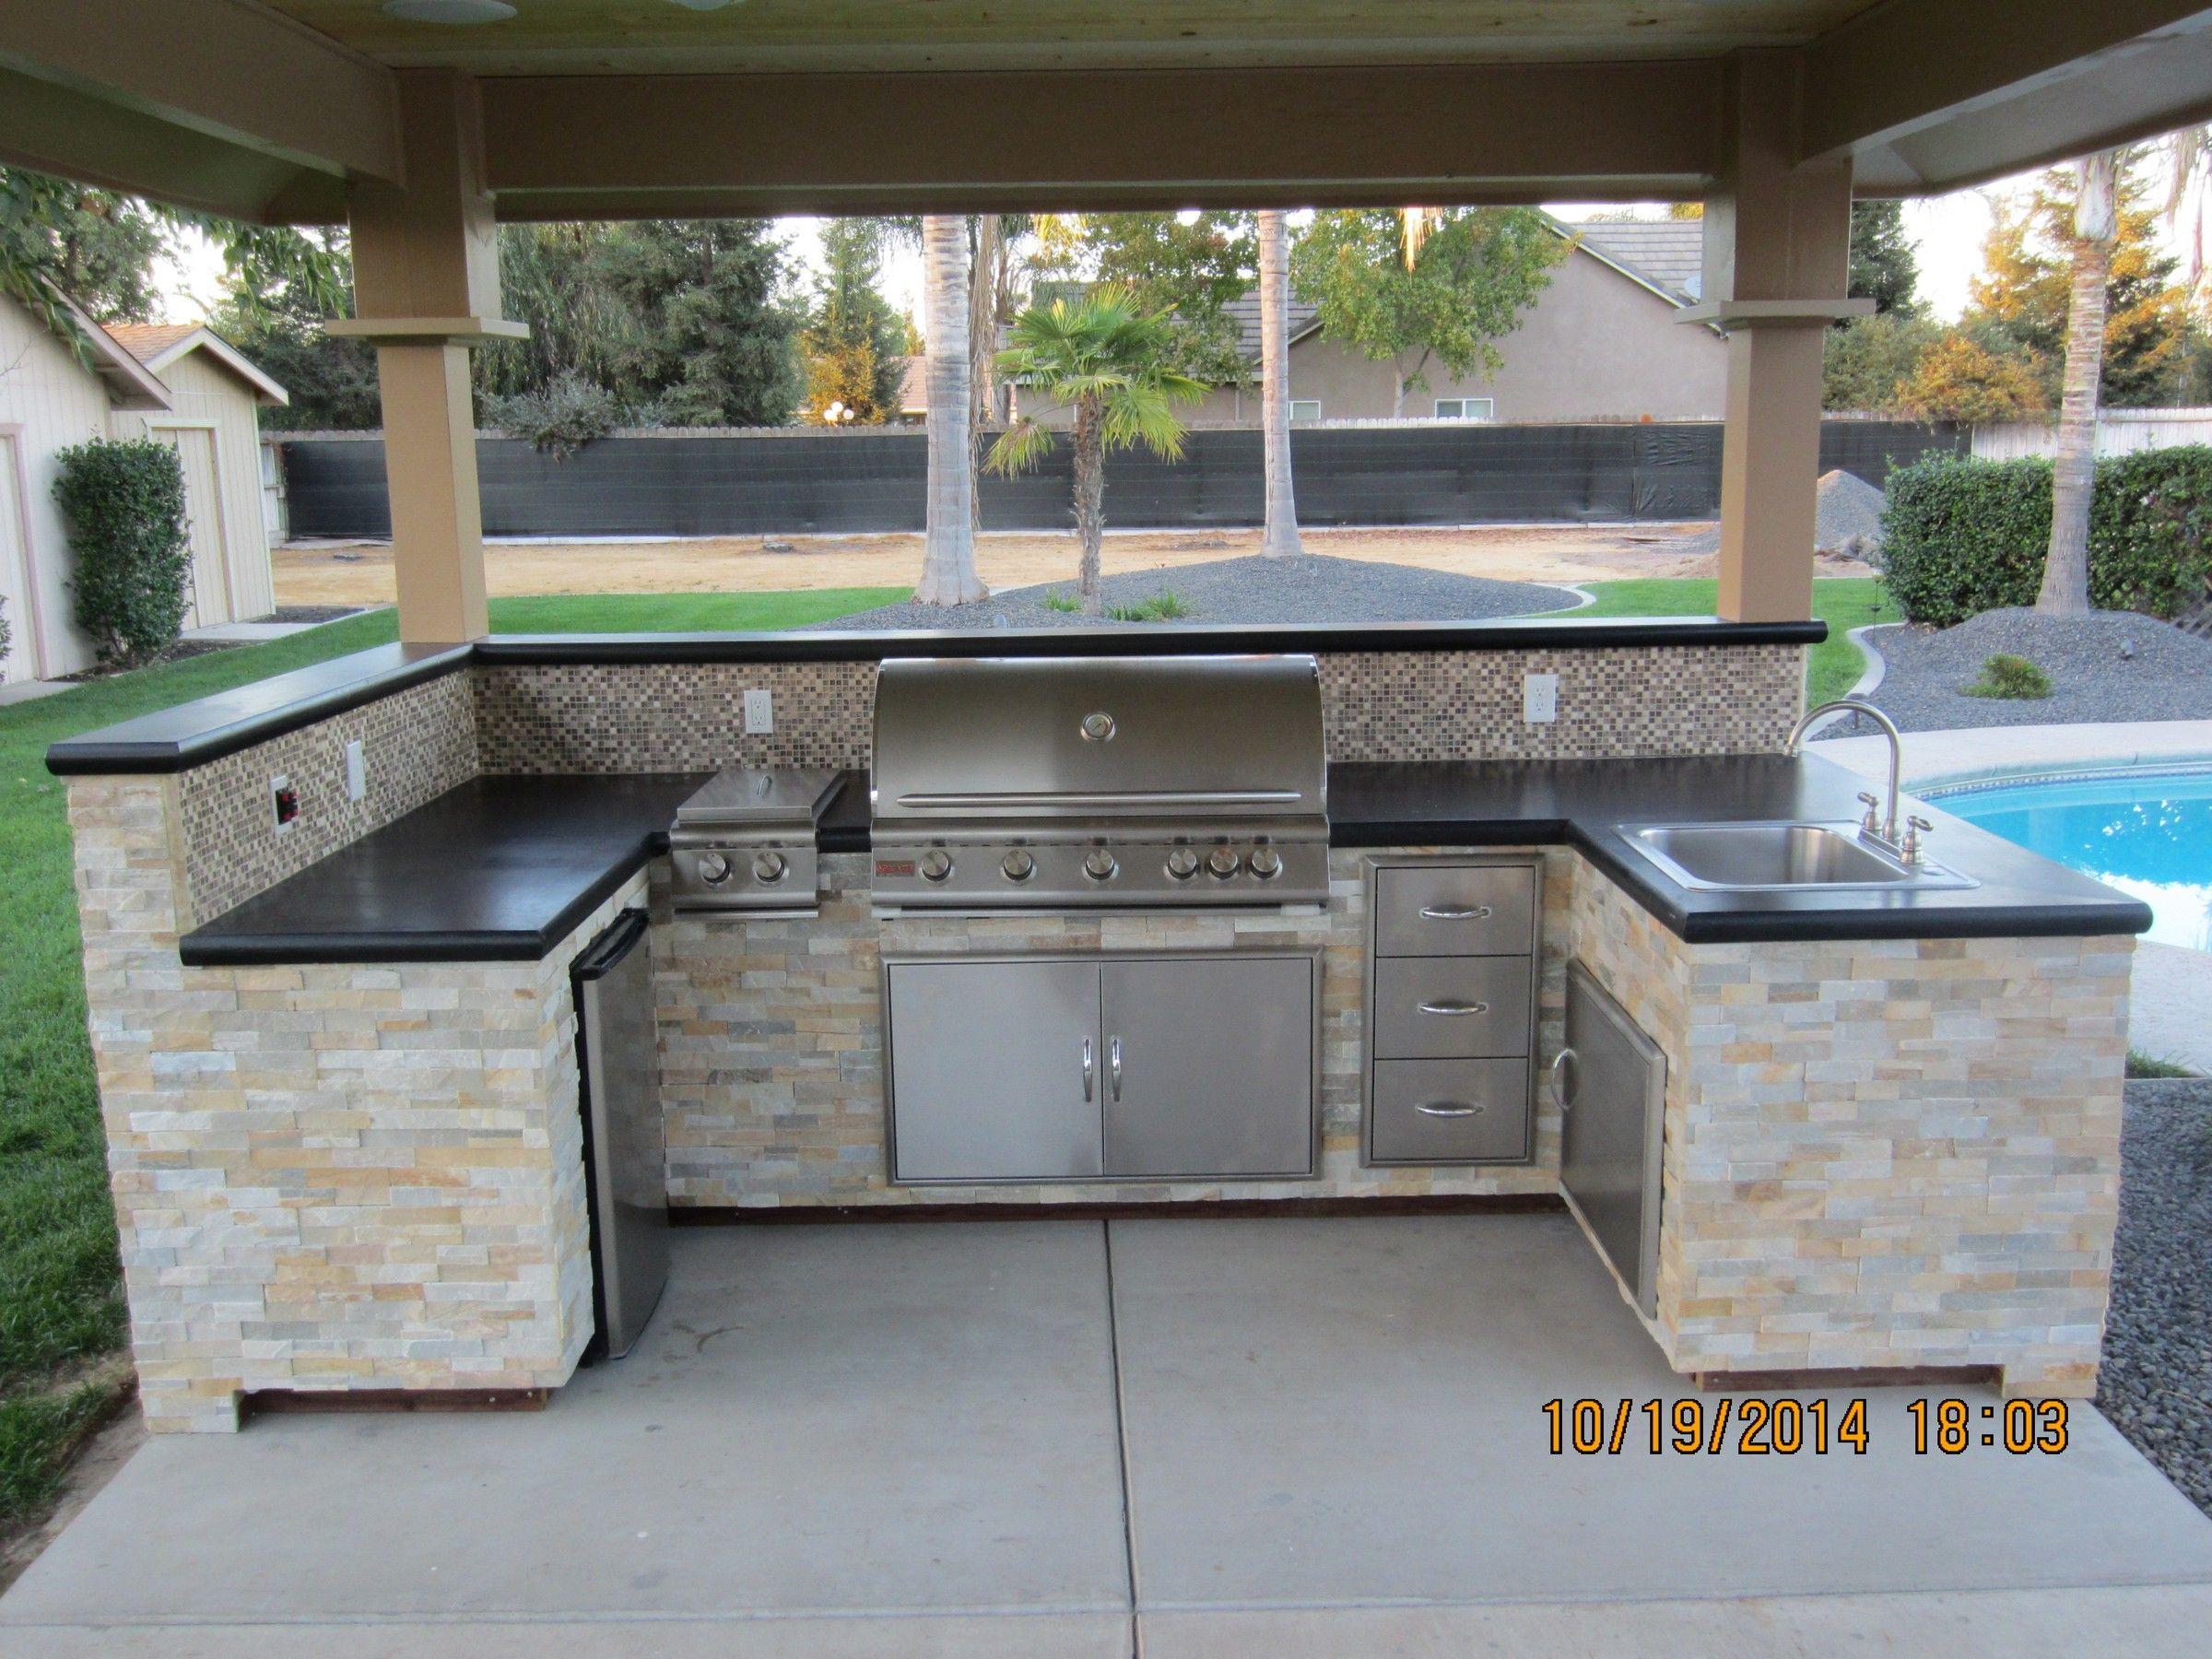 wake construction outdoor kitchen modular outdoor kitchens outdoor kitchen outdoor kitchen on outdoor kitchen essentials id=40673